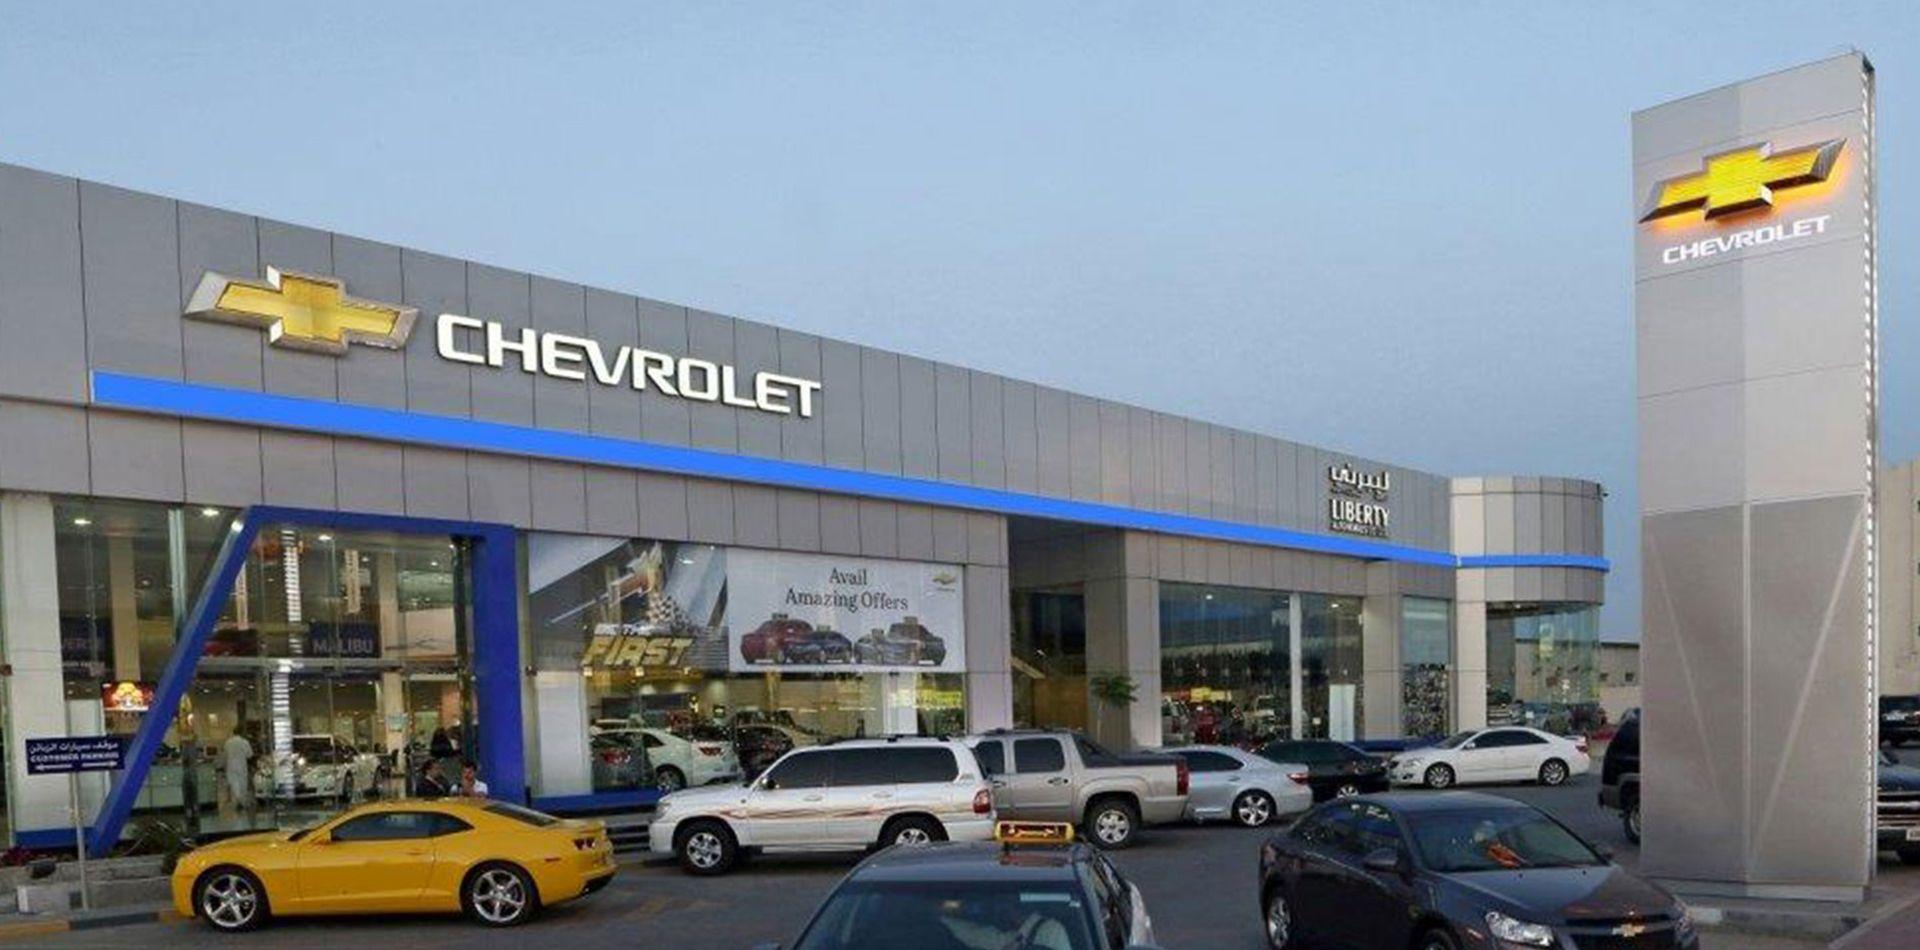 Signage Chevrolet Showroom Dubai Pylon Uae Signage Glass